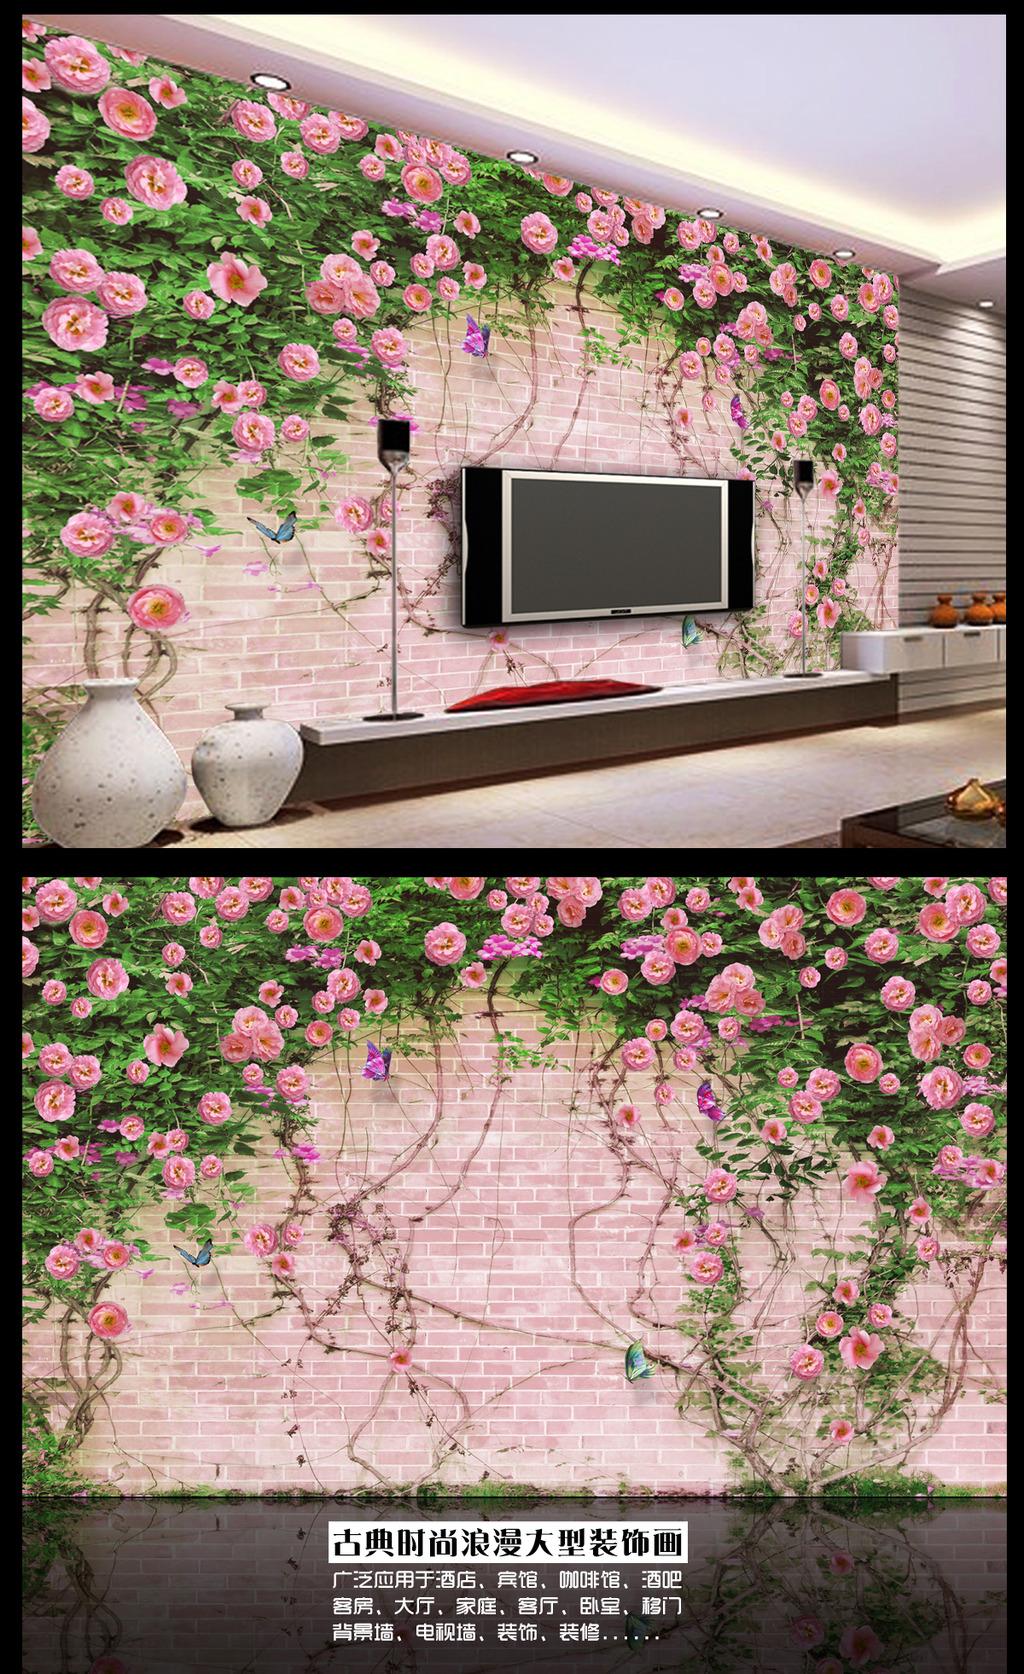 背景墙 电视 蔷薇/粉红蔷薇玫瑰花朵石墙砖墙电视背景墙